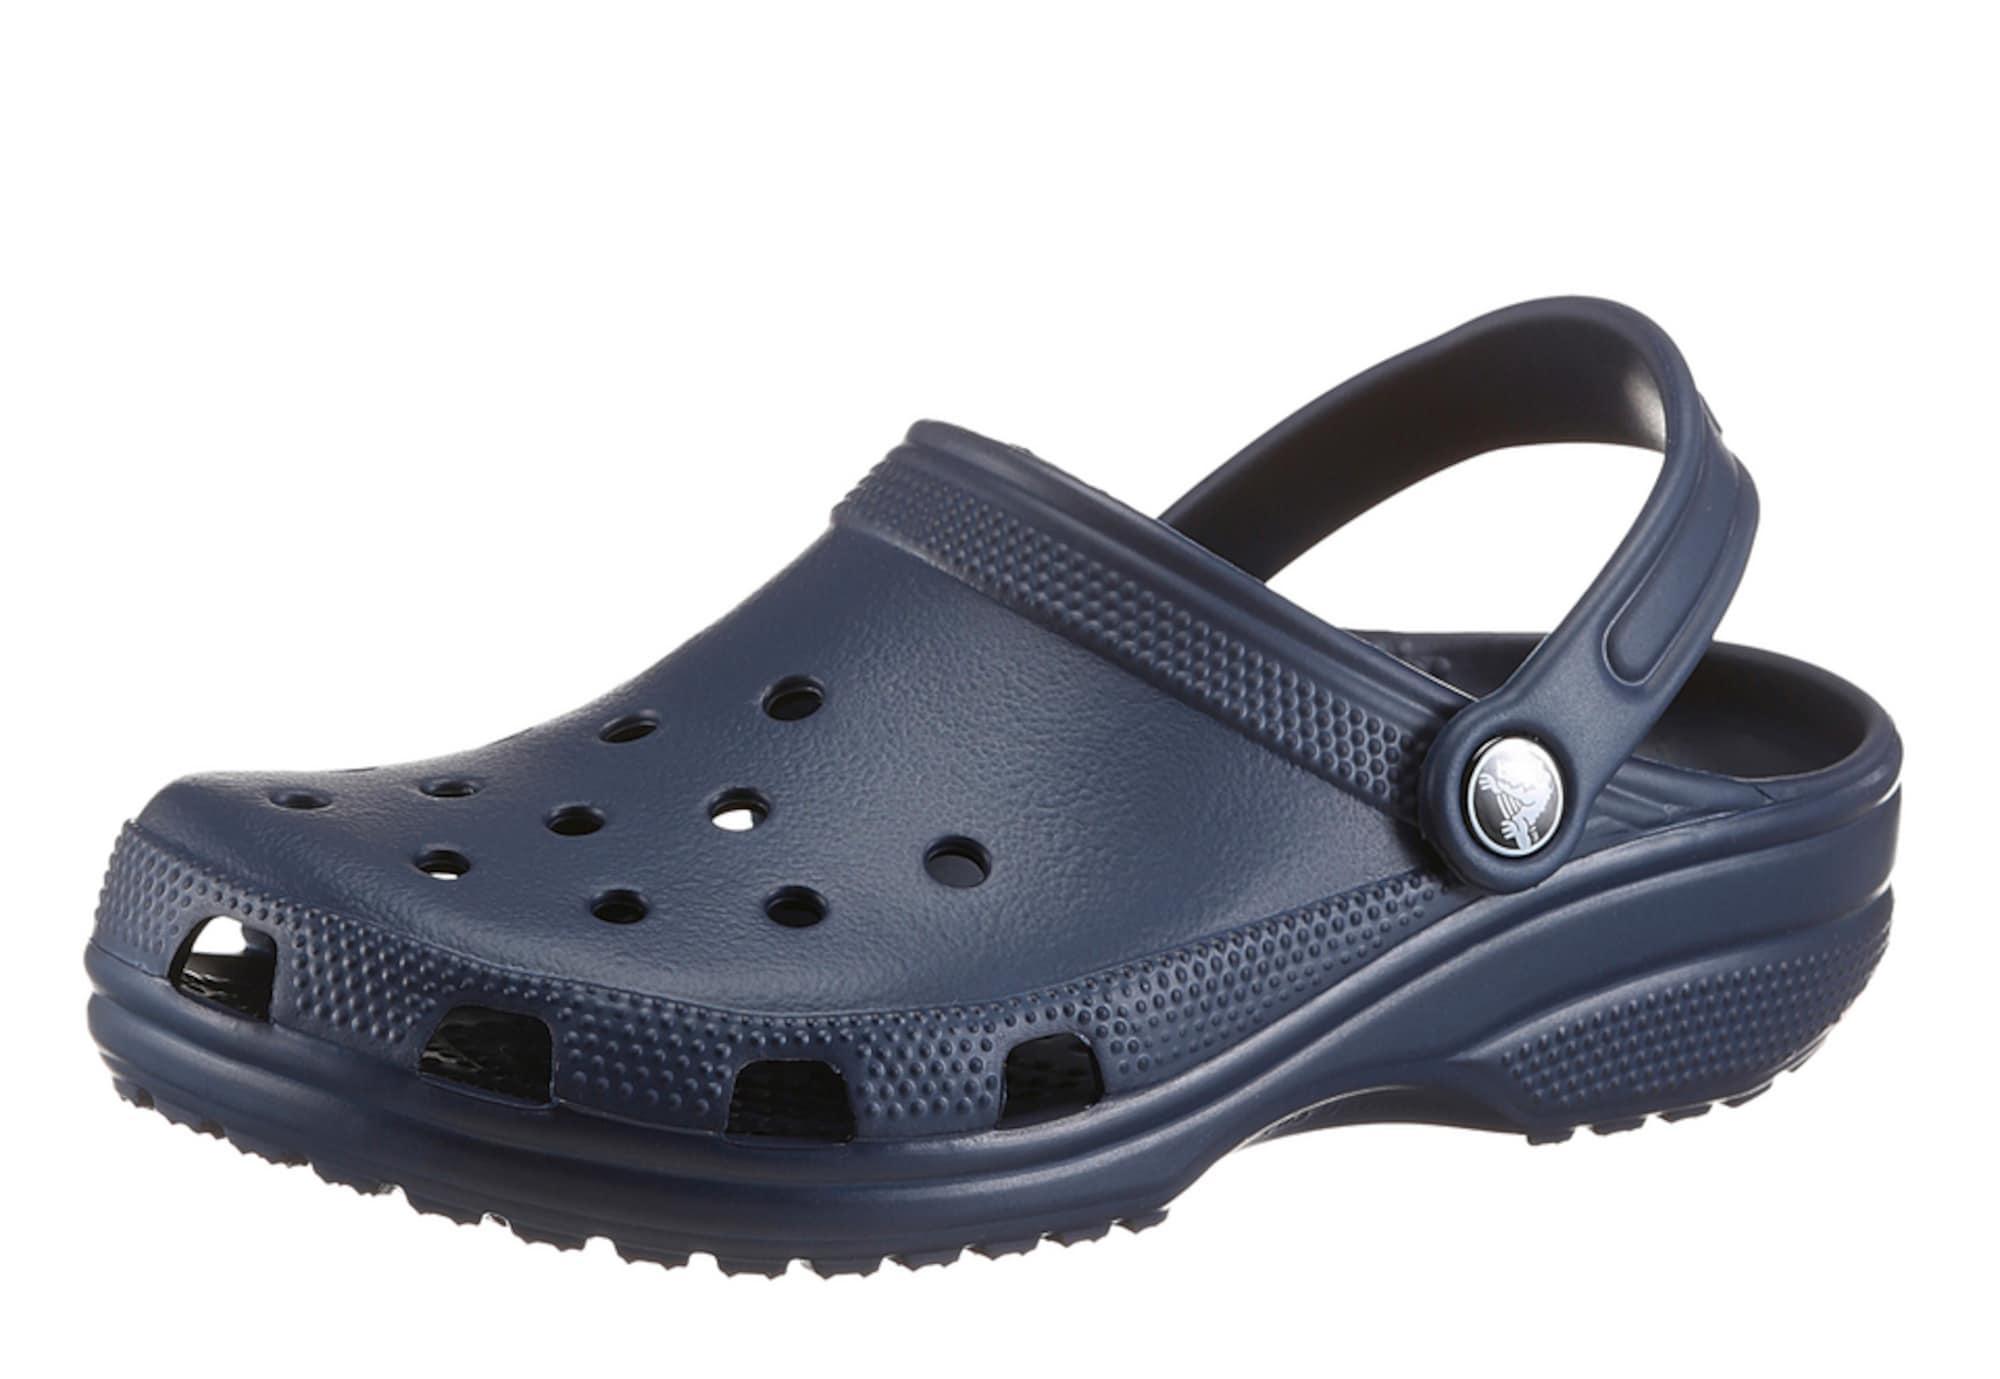 Crocs Sabots  - Bleu - Taille: 45.5 - male